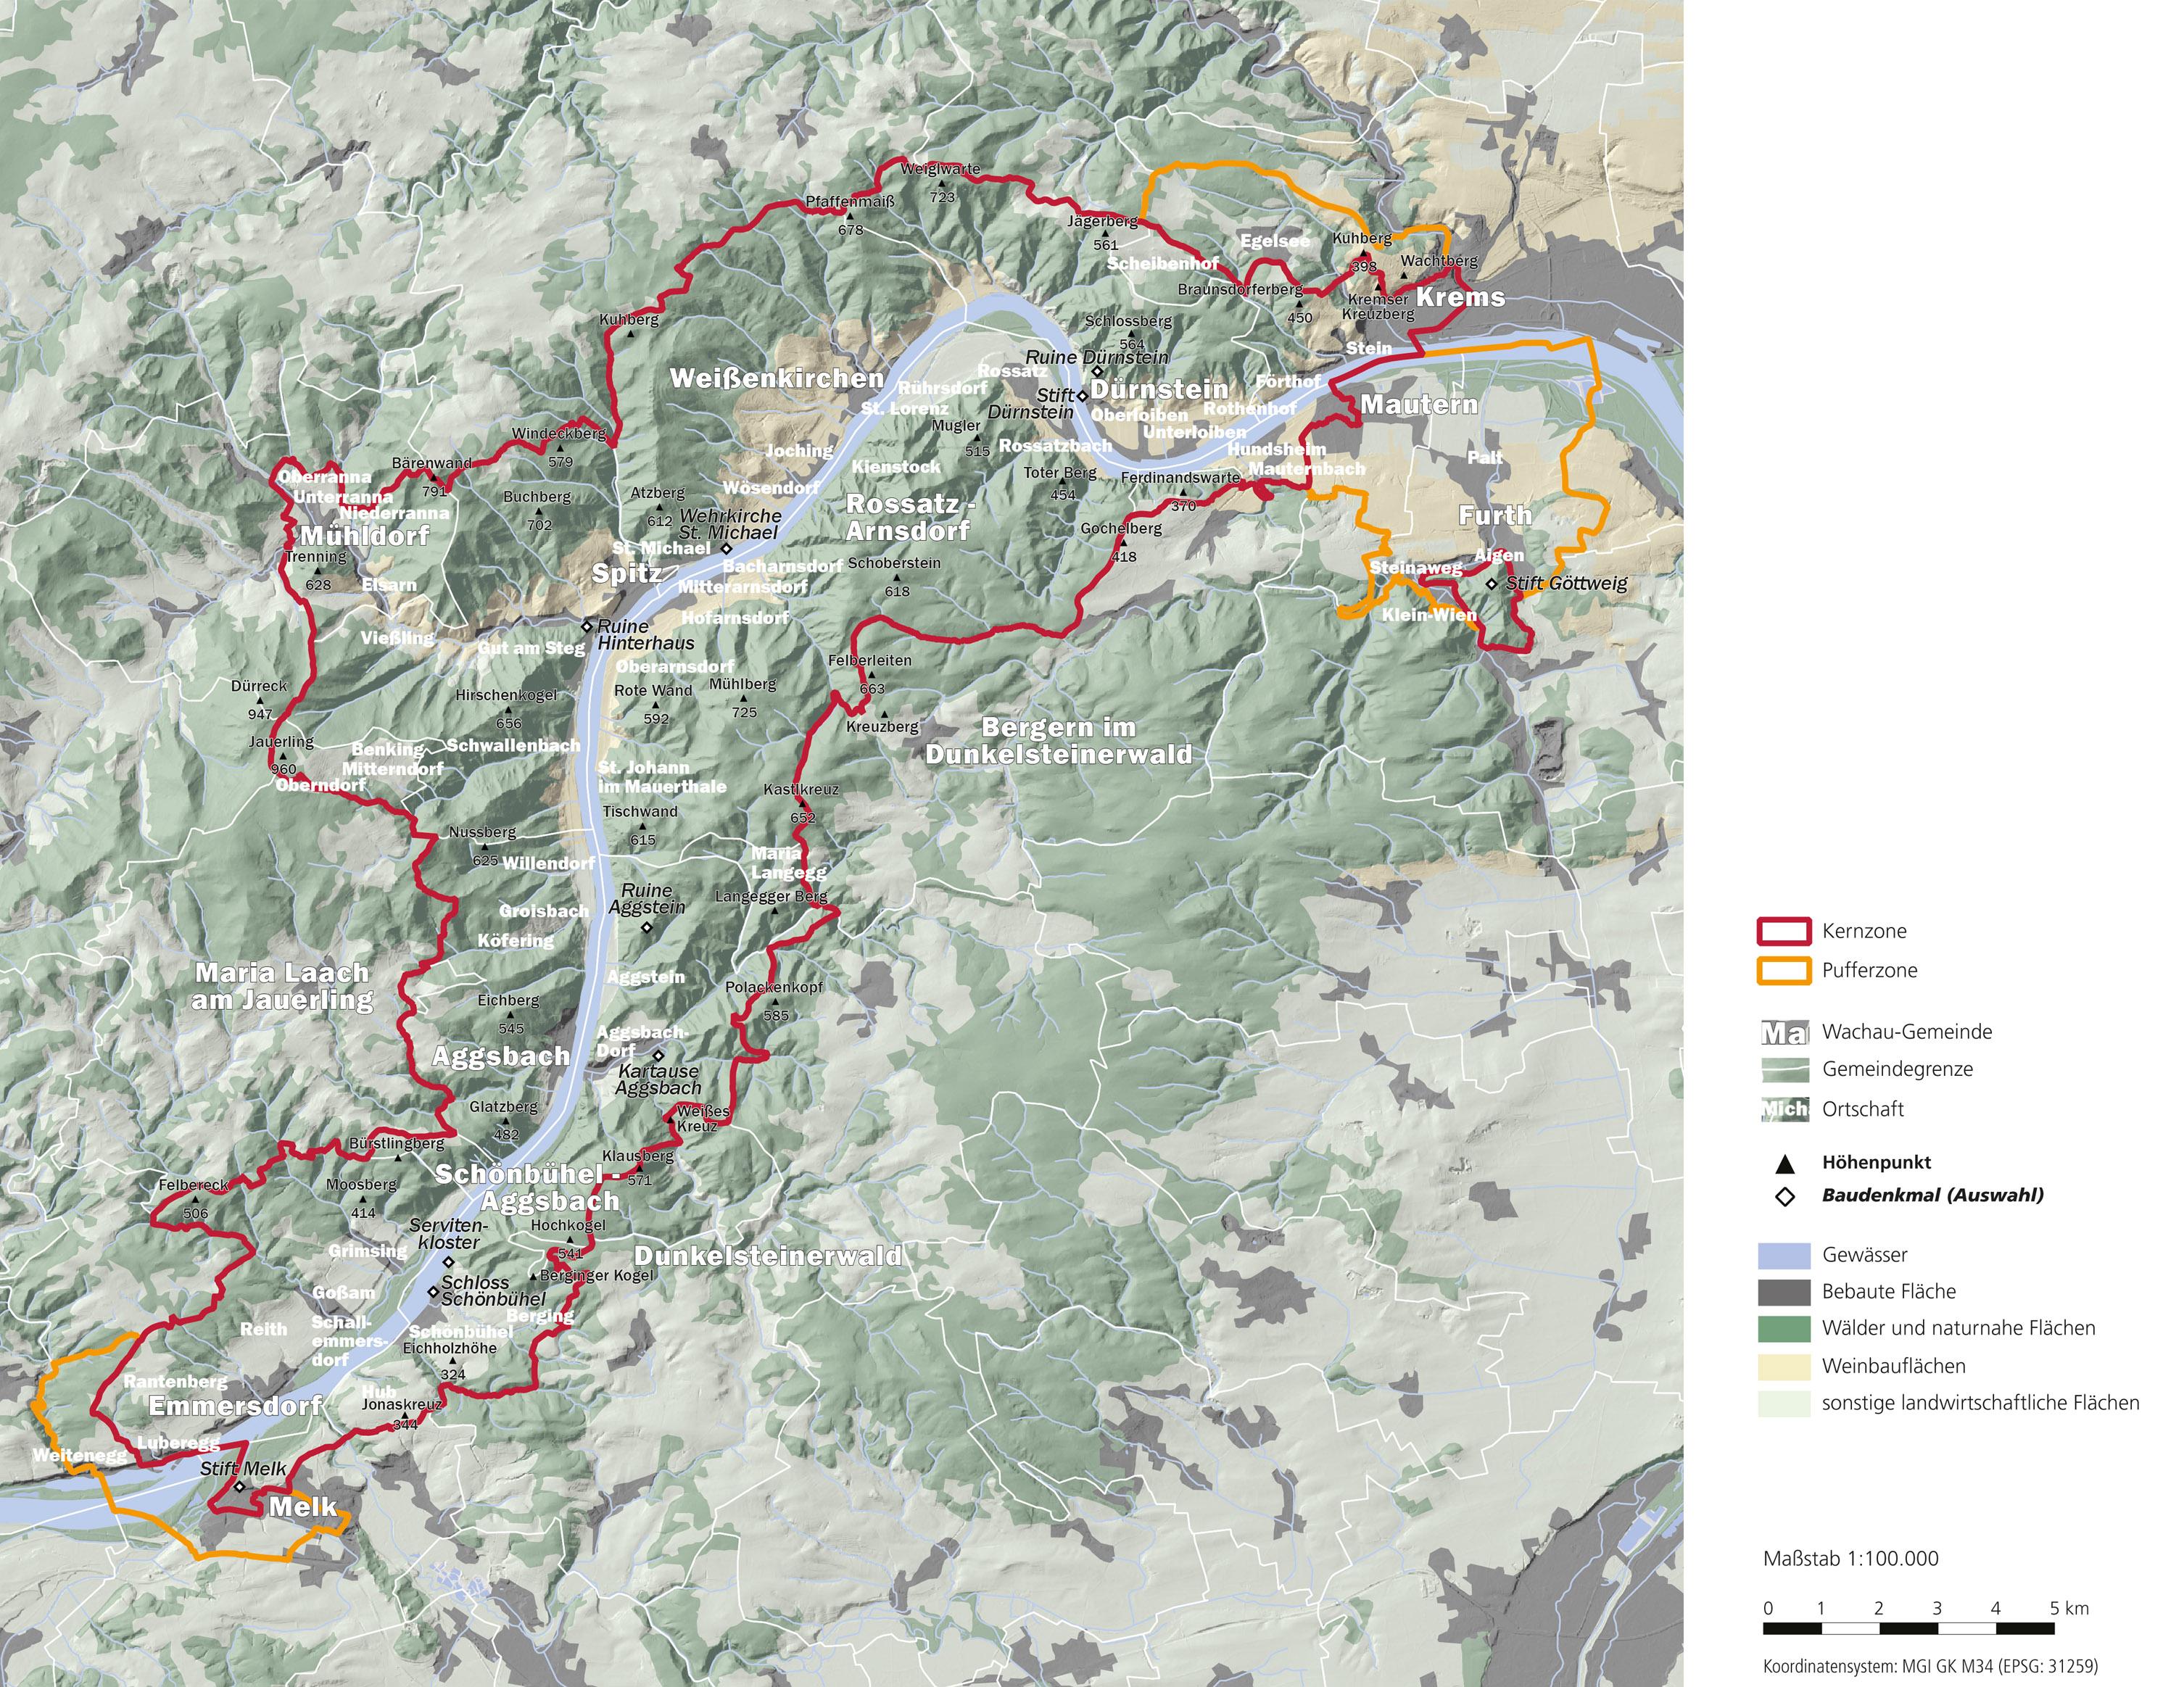 Wachau Karte.Region Wachau Bedeutung Des Welterbe Statuses Für Die Wachau